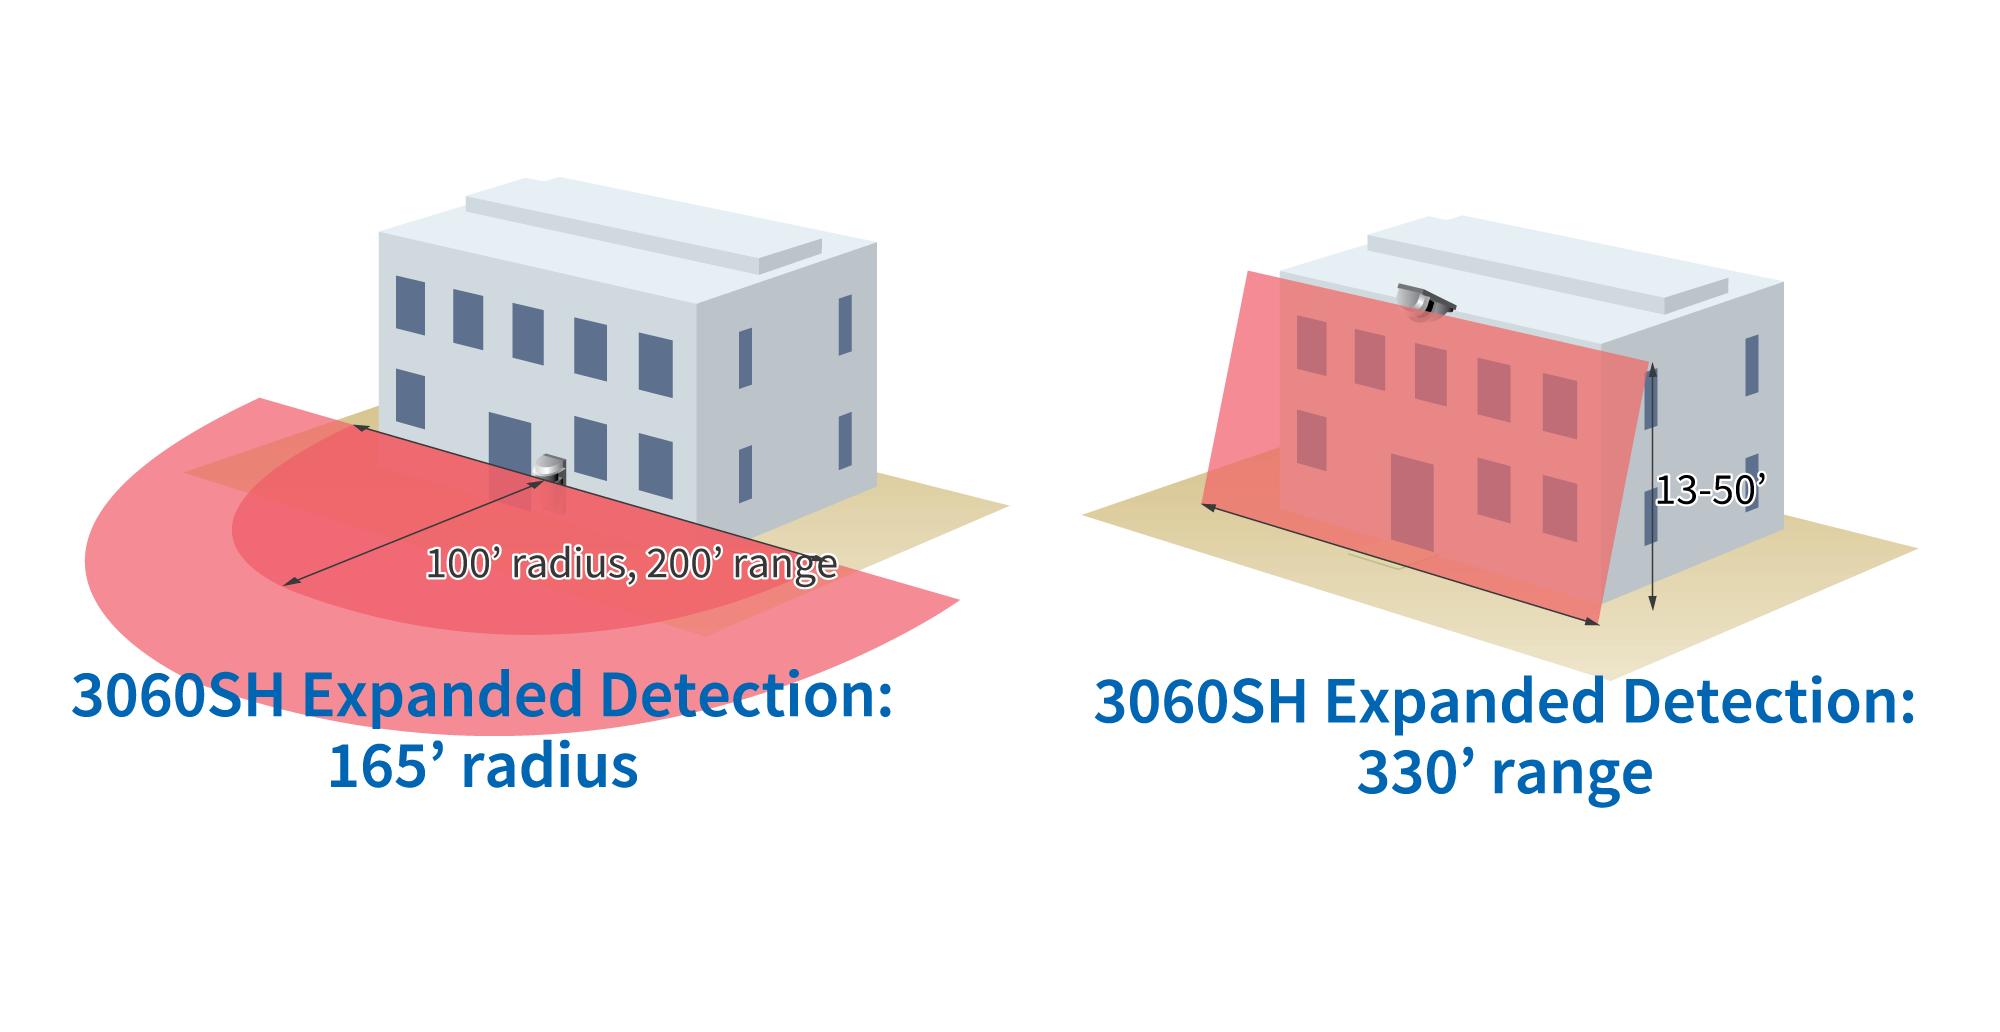 RLS-3060SH detection